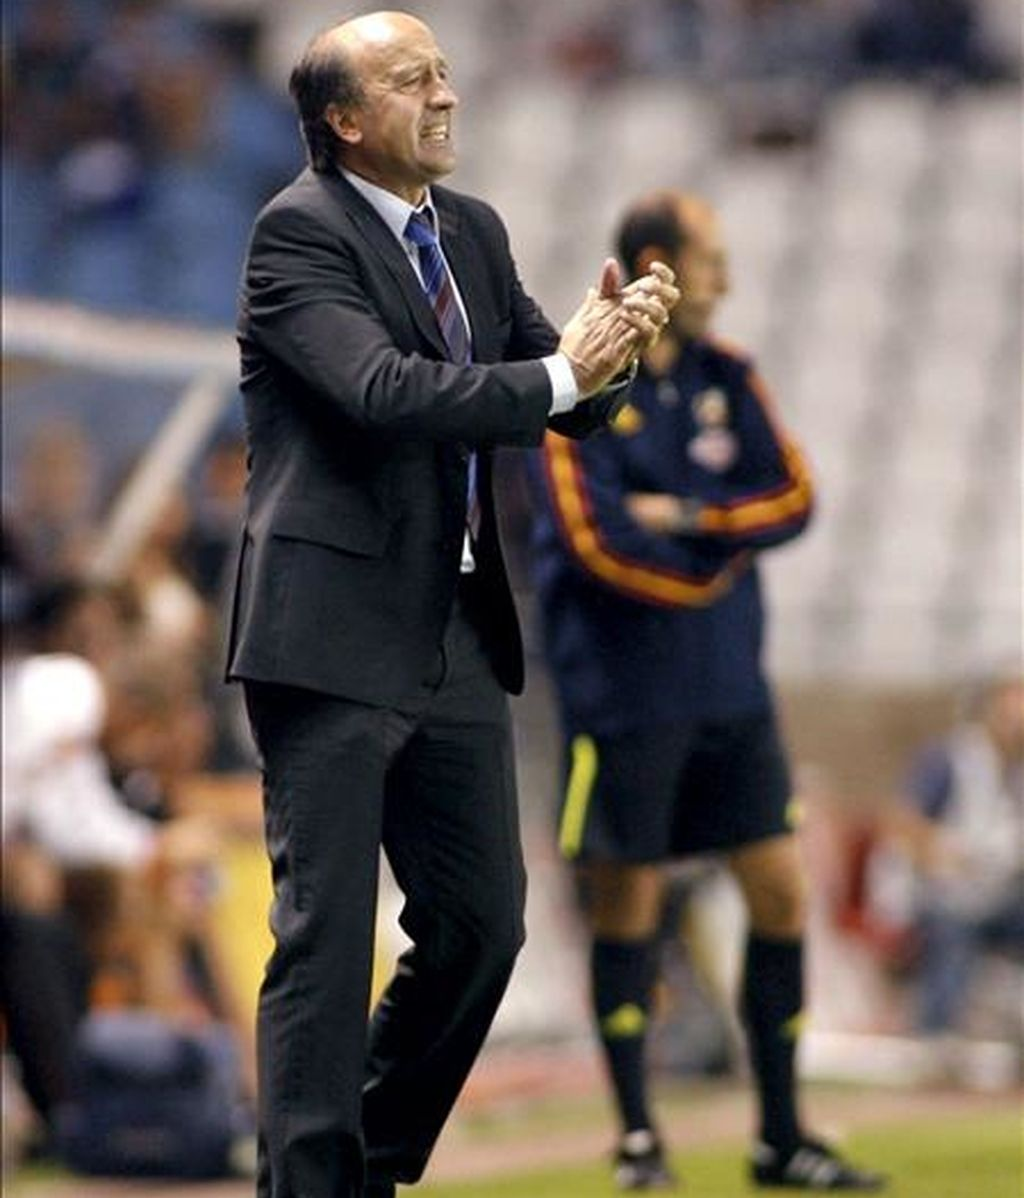 El entrenador del Deportivo de La Coruña, Miguel Ángel Lotina. EFE/Archivo